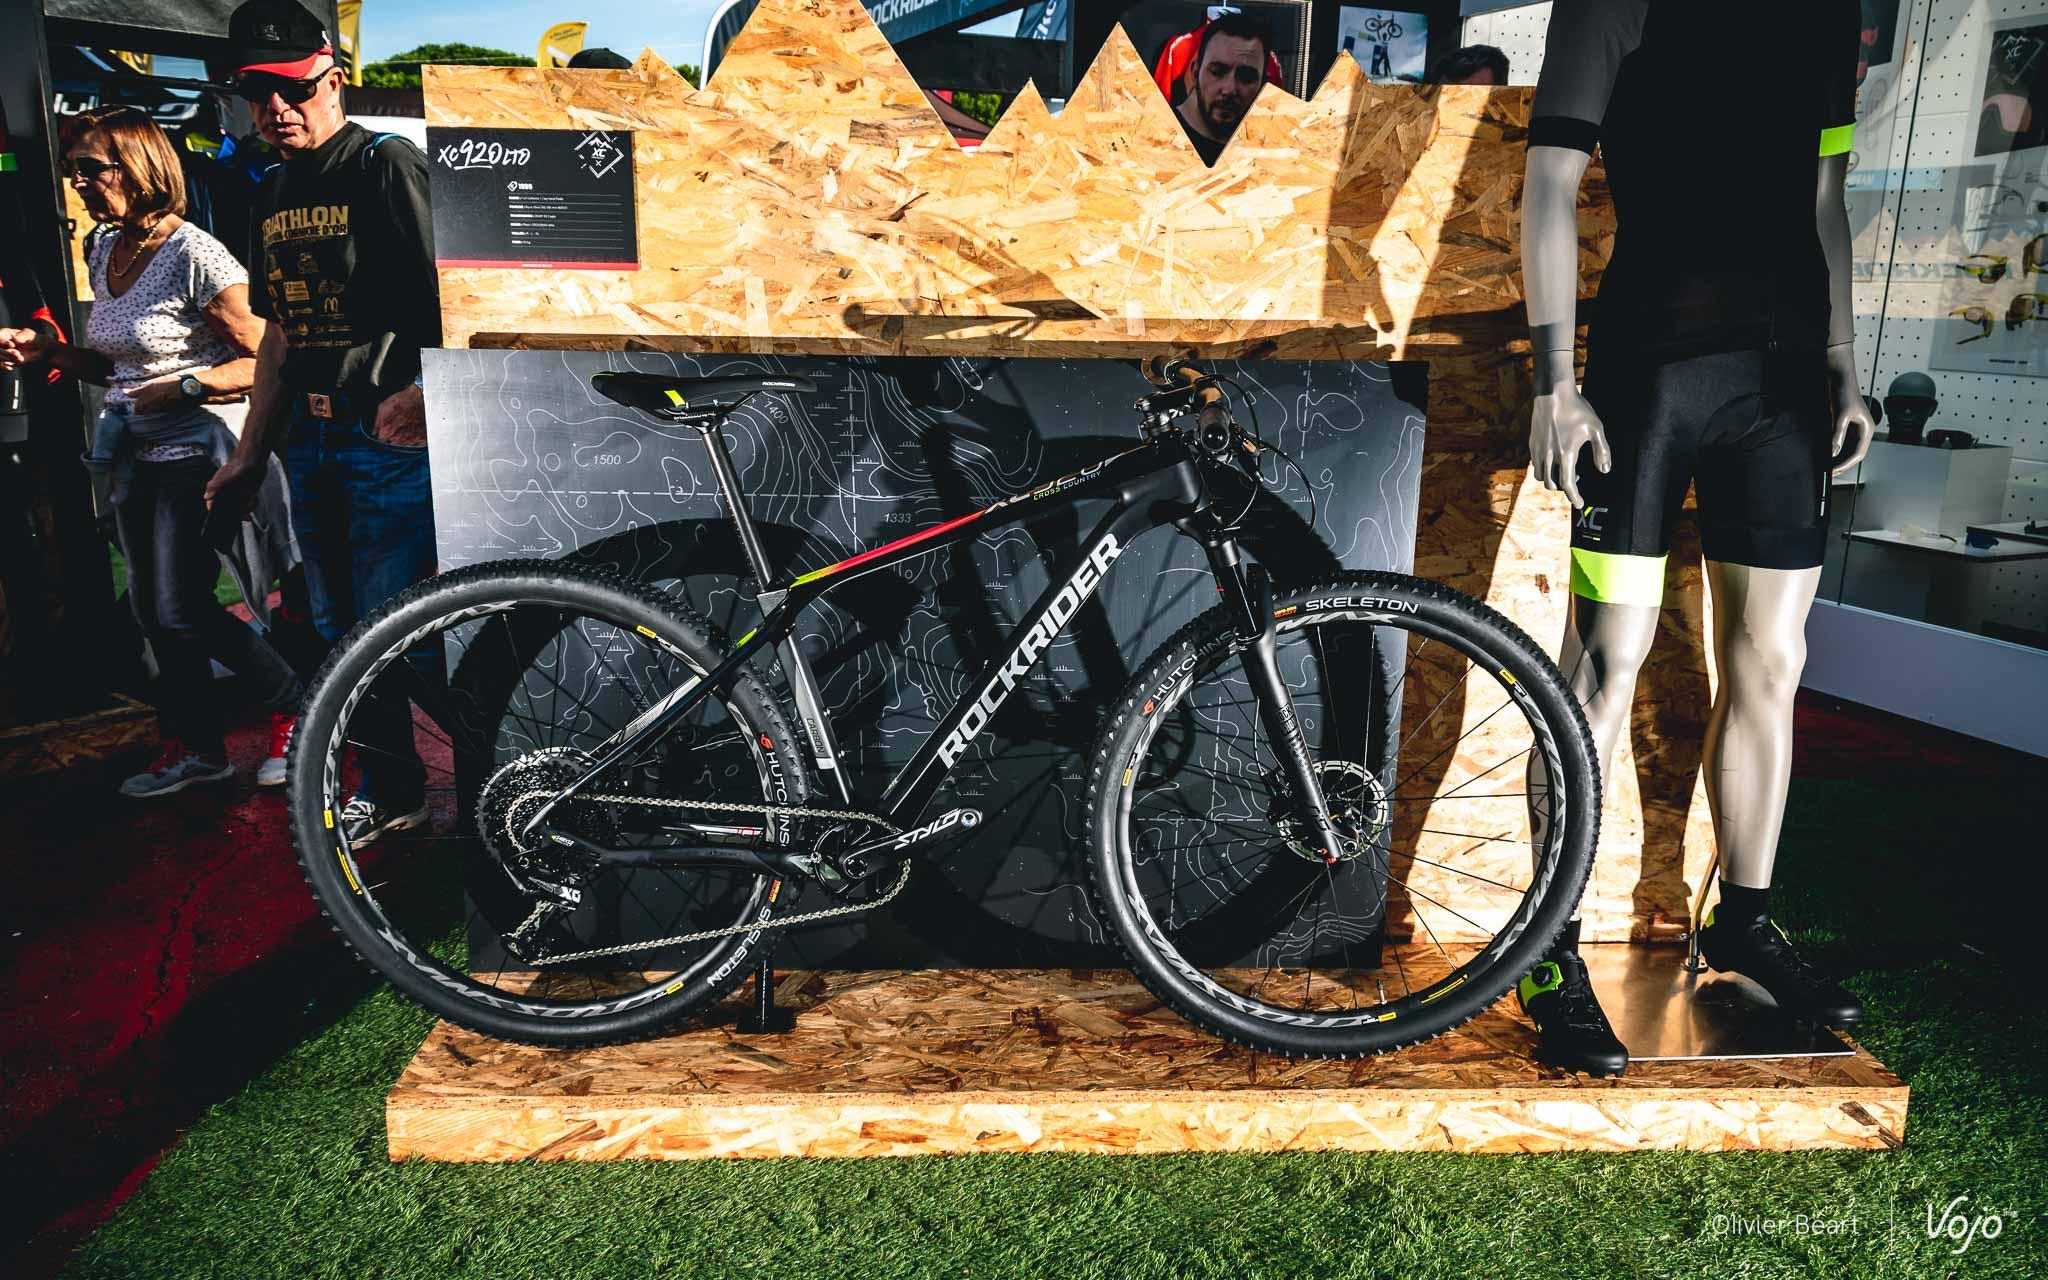 4672a3775 Oubliez BTwin   tous les VTT Decathlon reviennent désormais à l appellation  Rockrider ! Après un très remarqué XC500 présenté l an dernier et  compatible ...